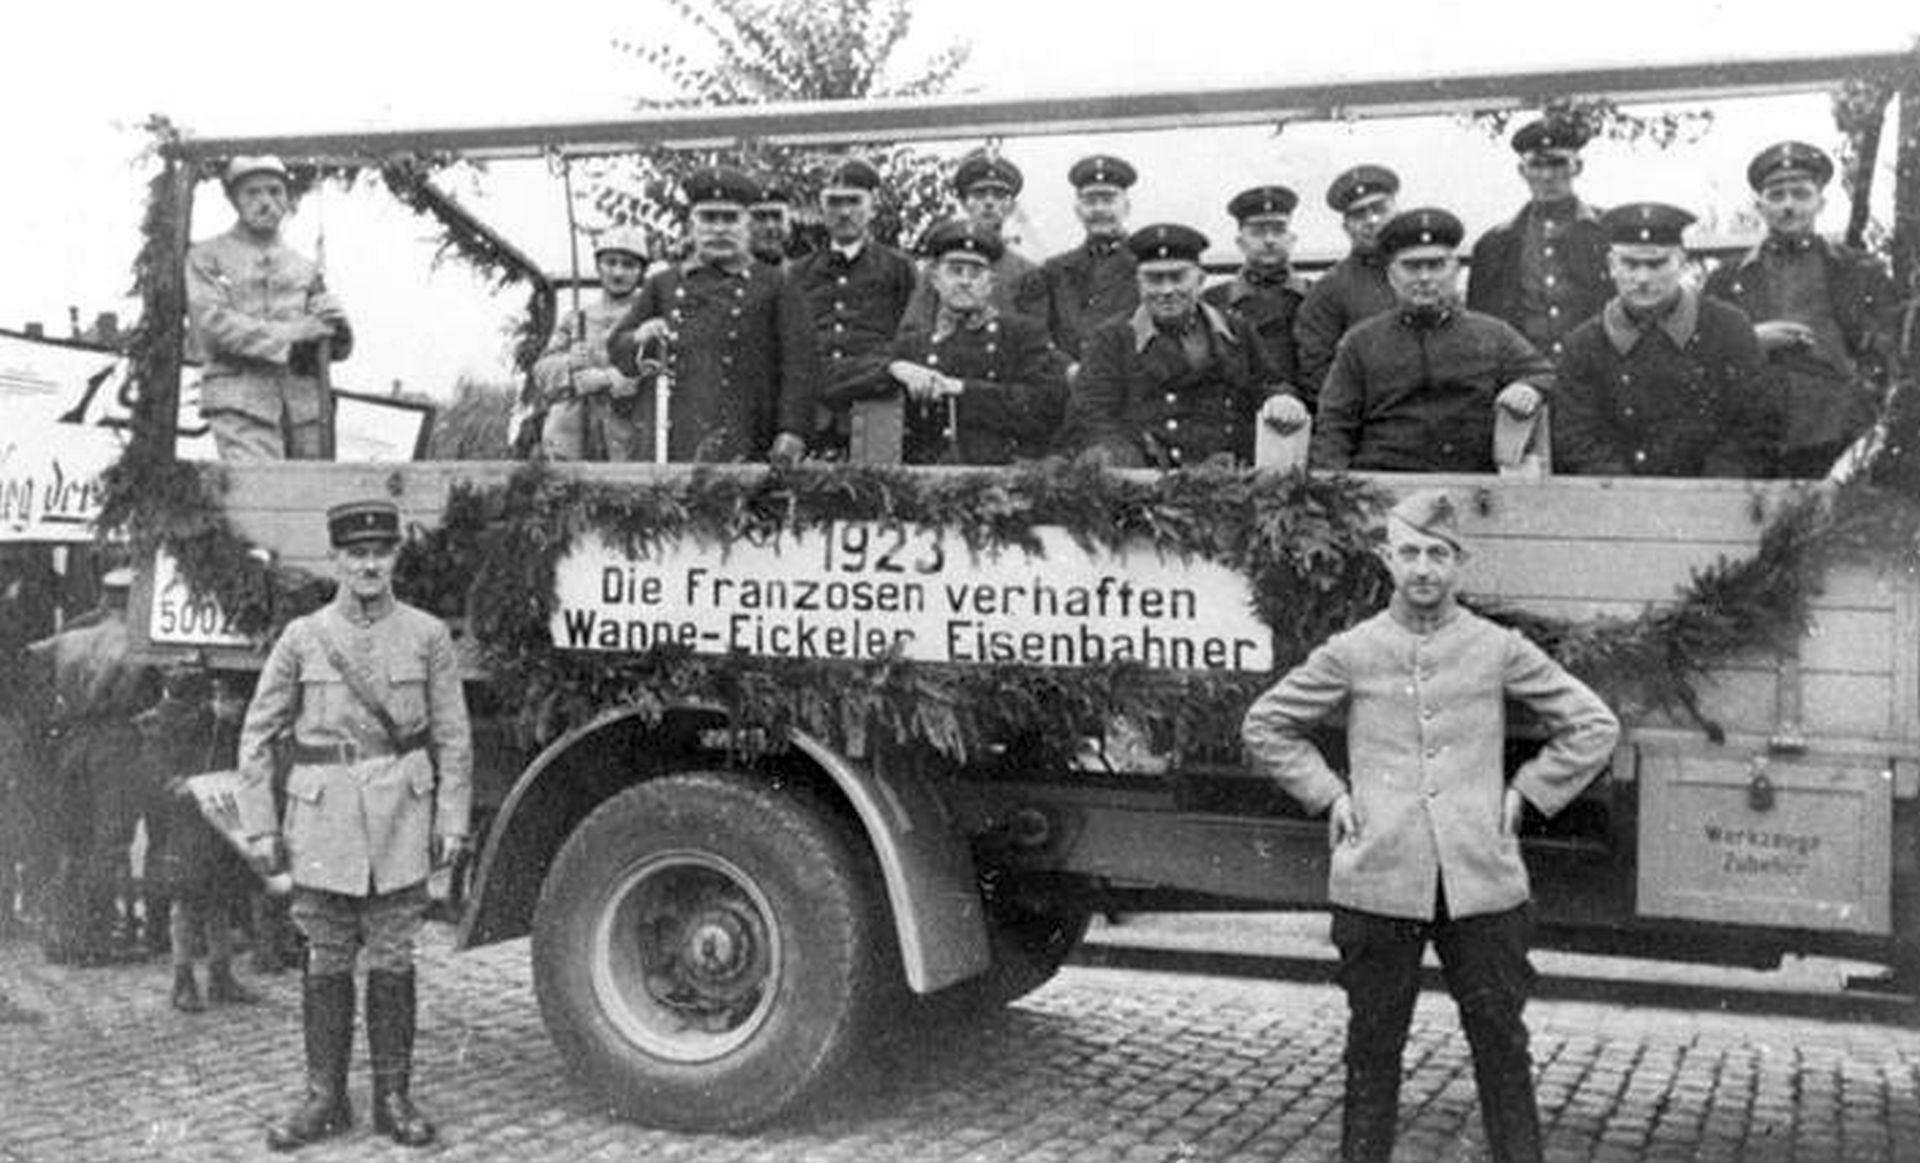 Französische Besetzung 1923.jpg